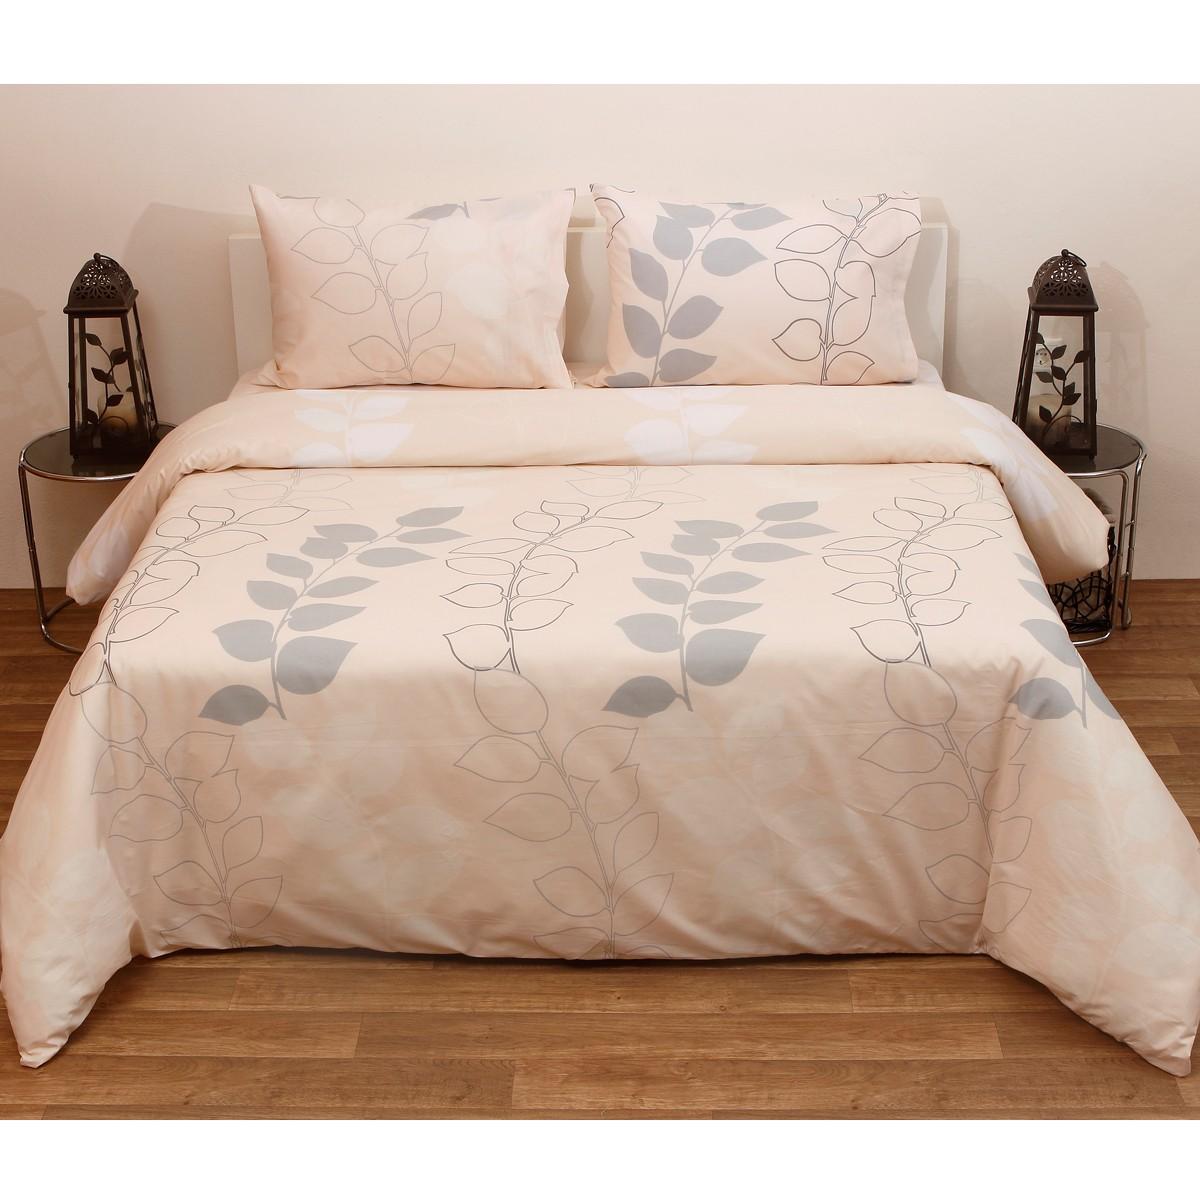 Κουβερλί Μονό (Σετ) Viopros Fresh Αννίτα home   κρεβατοκάμαρα   κουβερλί   κουβερλί μονά